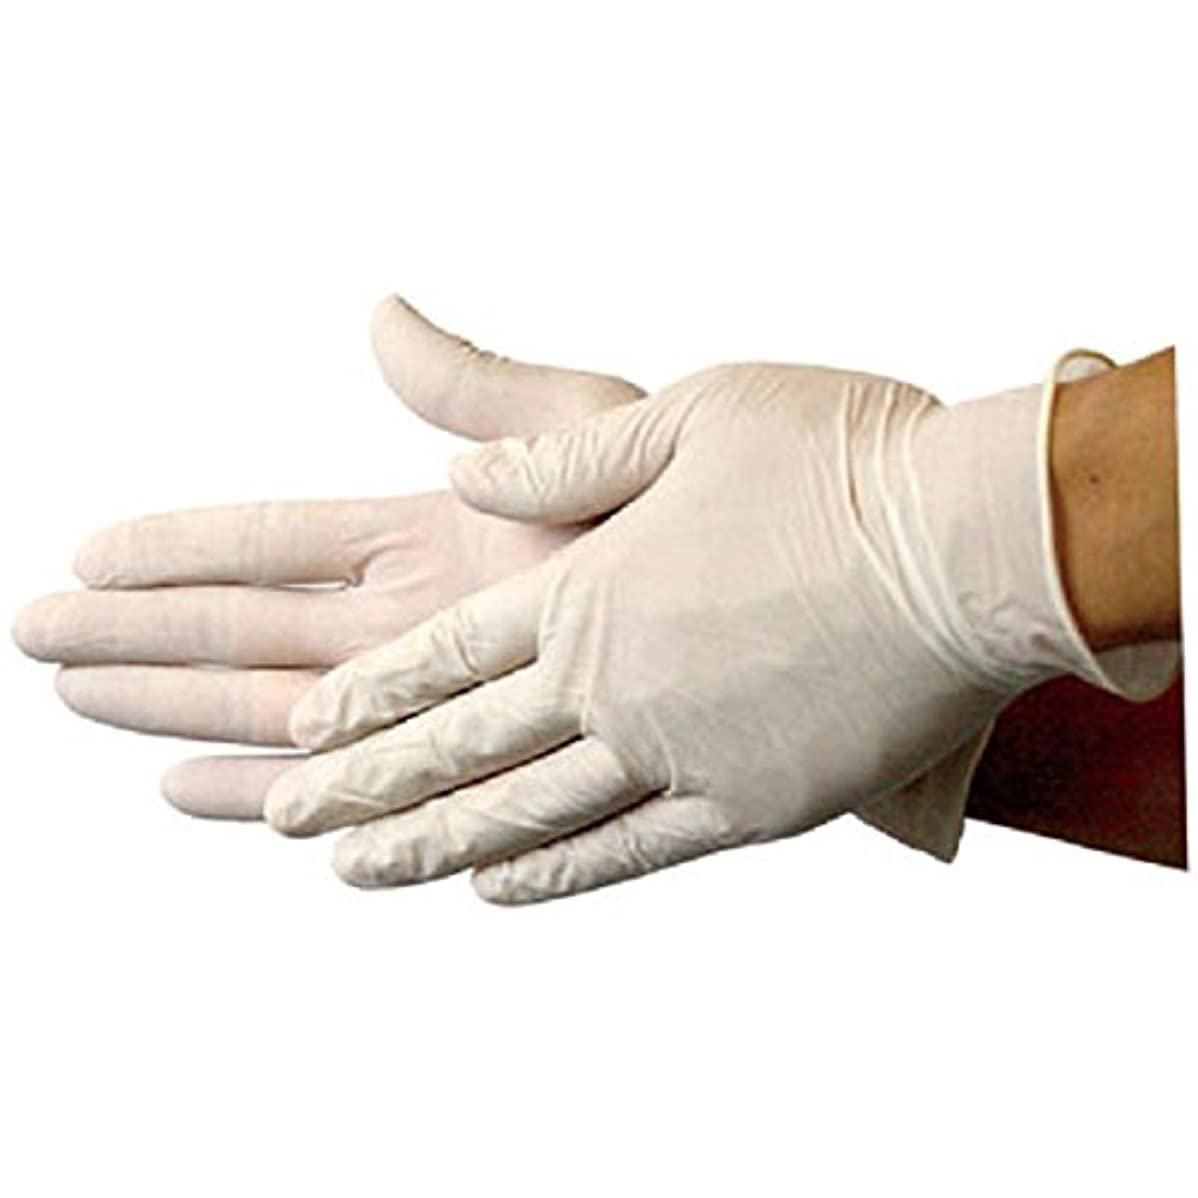 ごみあいまいな抜け目のないラテックス手袋(S) 100枚 業務用手袋(EG?????750白)